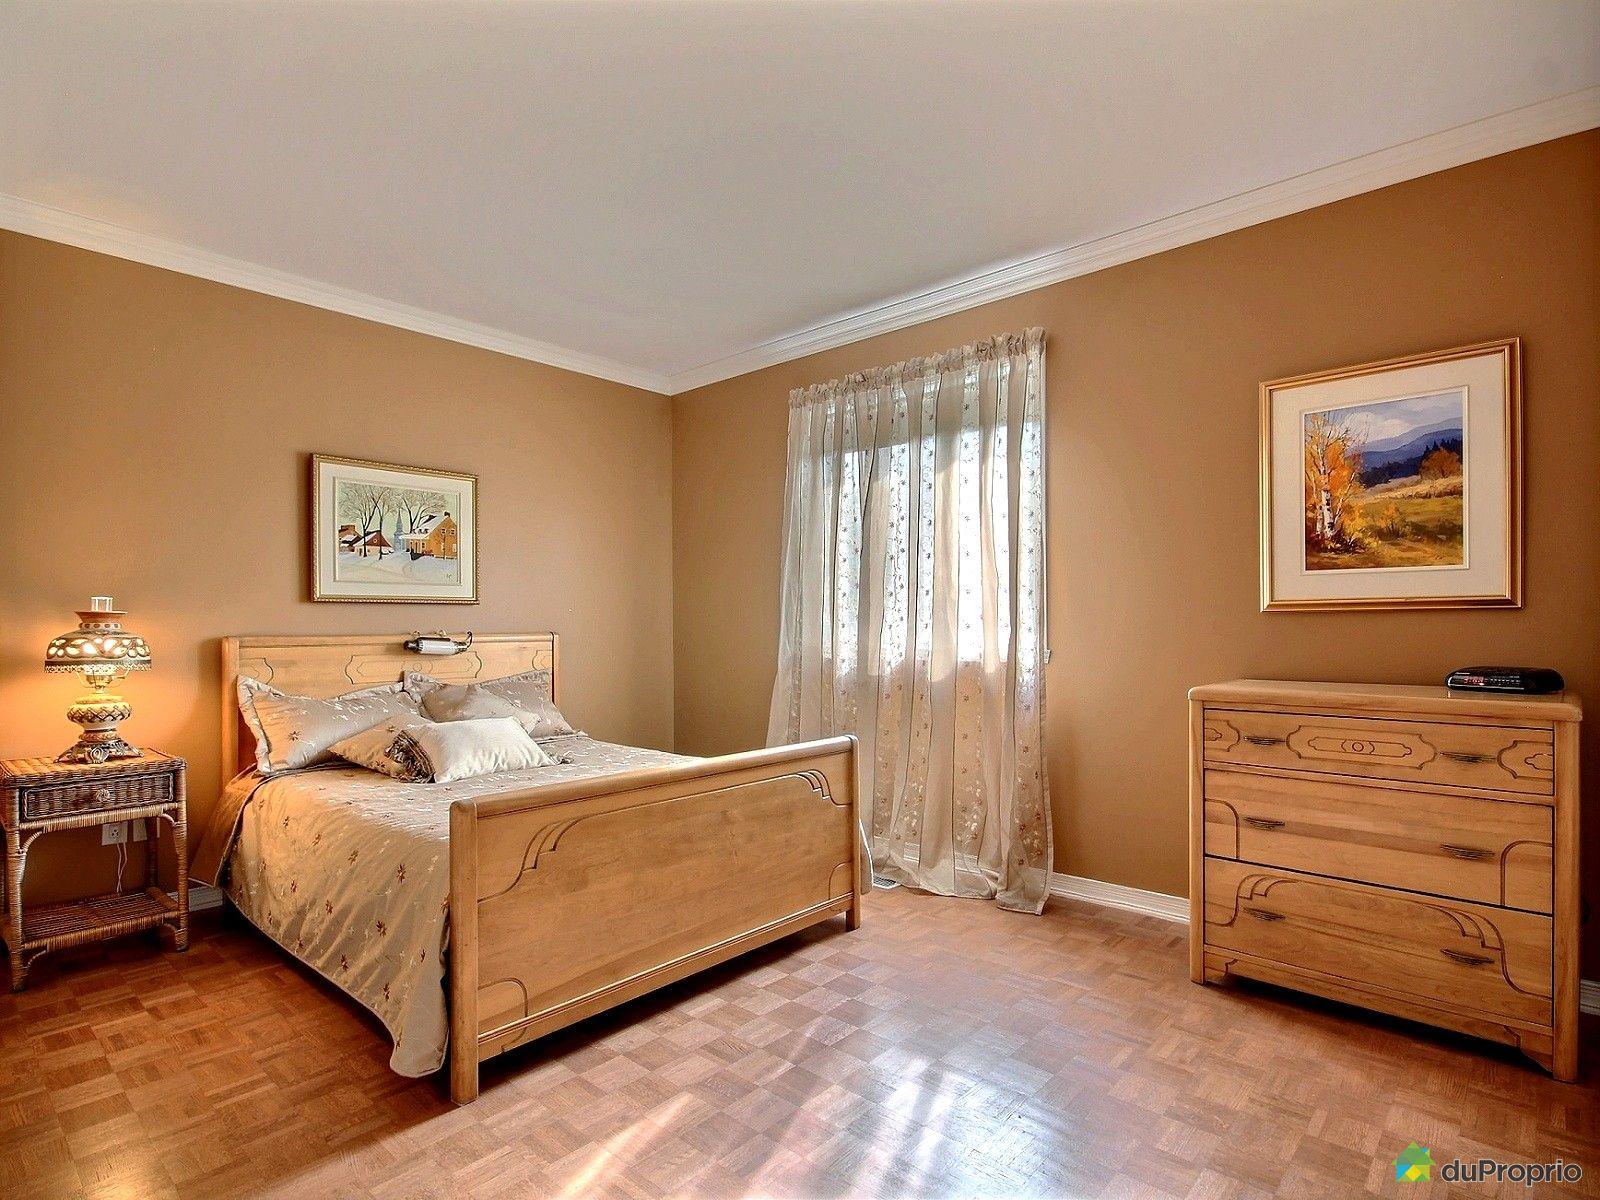 maison vendu ste rose immobilier qu bec duproprio 645698. Black Bedroom Furniture Sets. Home Design Ideas